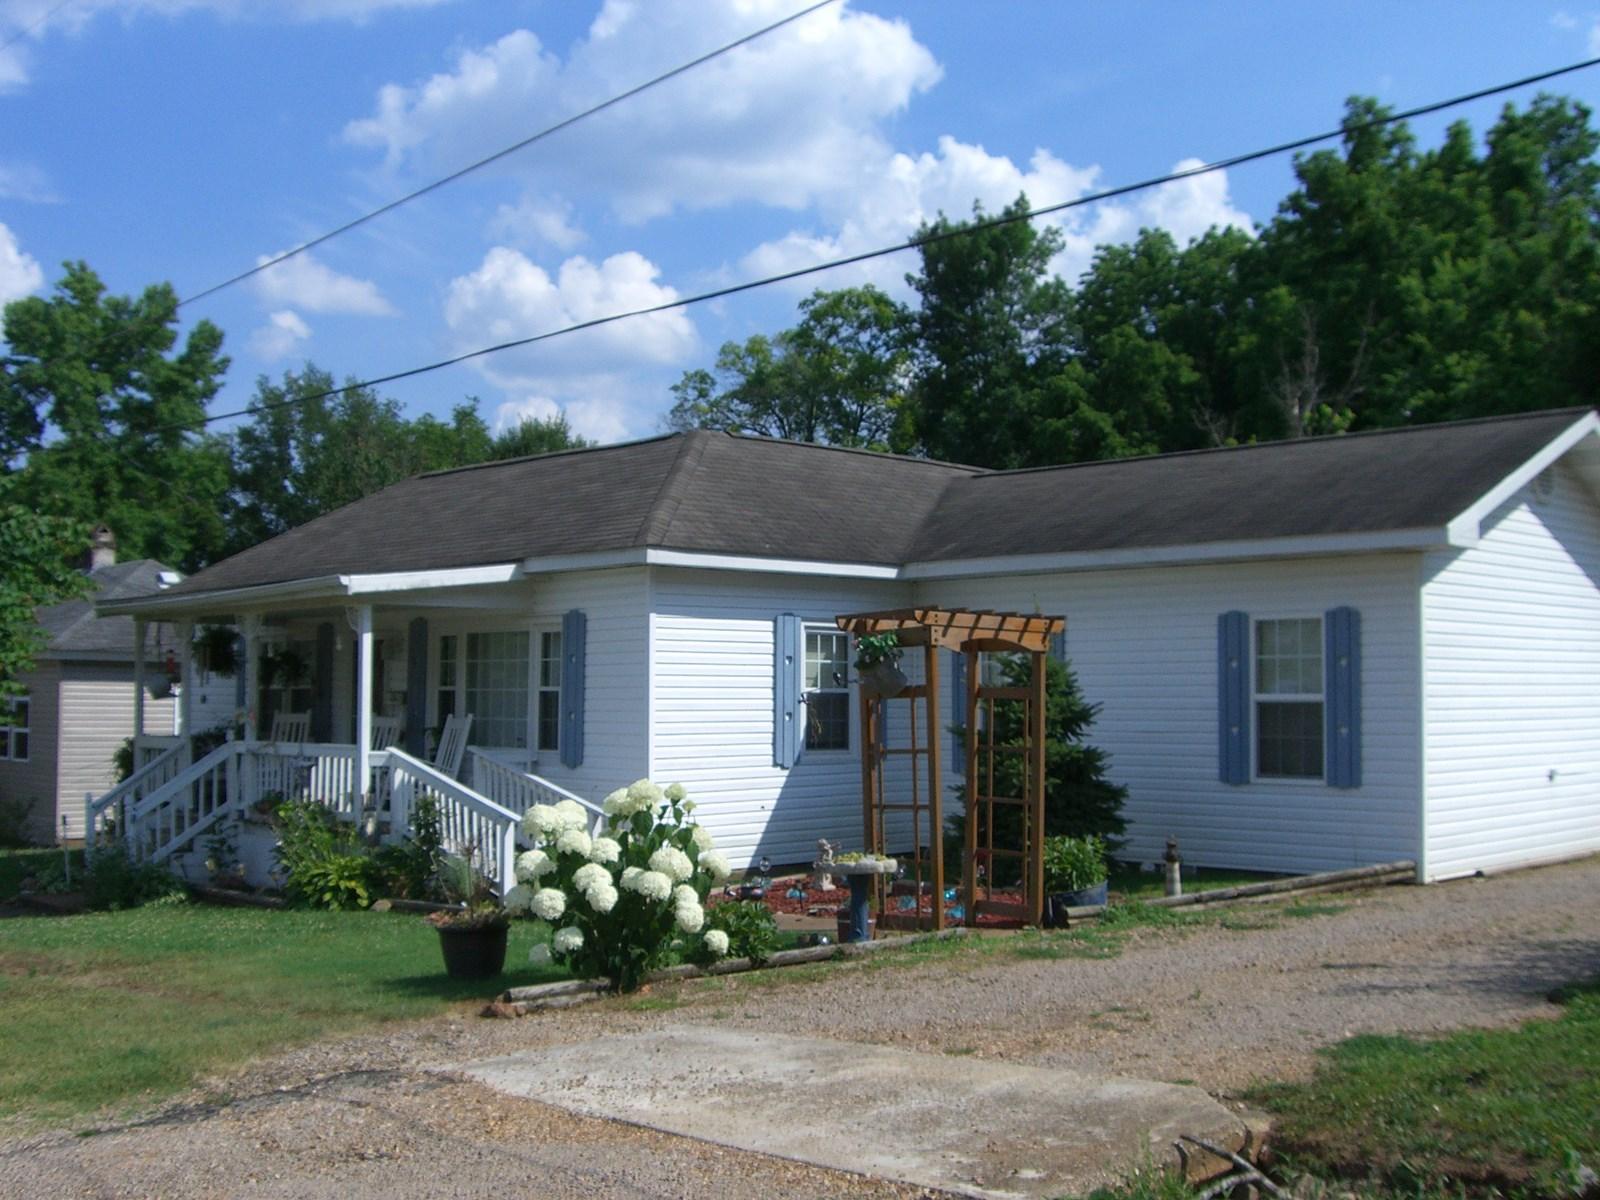 Remodeled older home in quiet neighborhood.